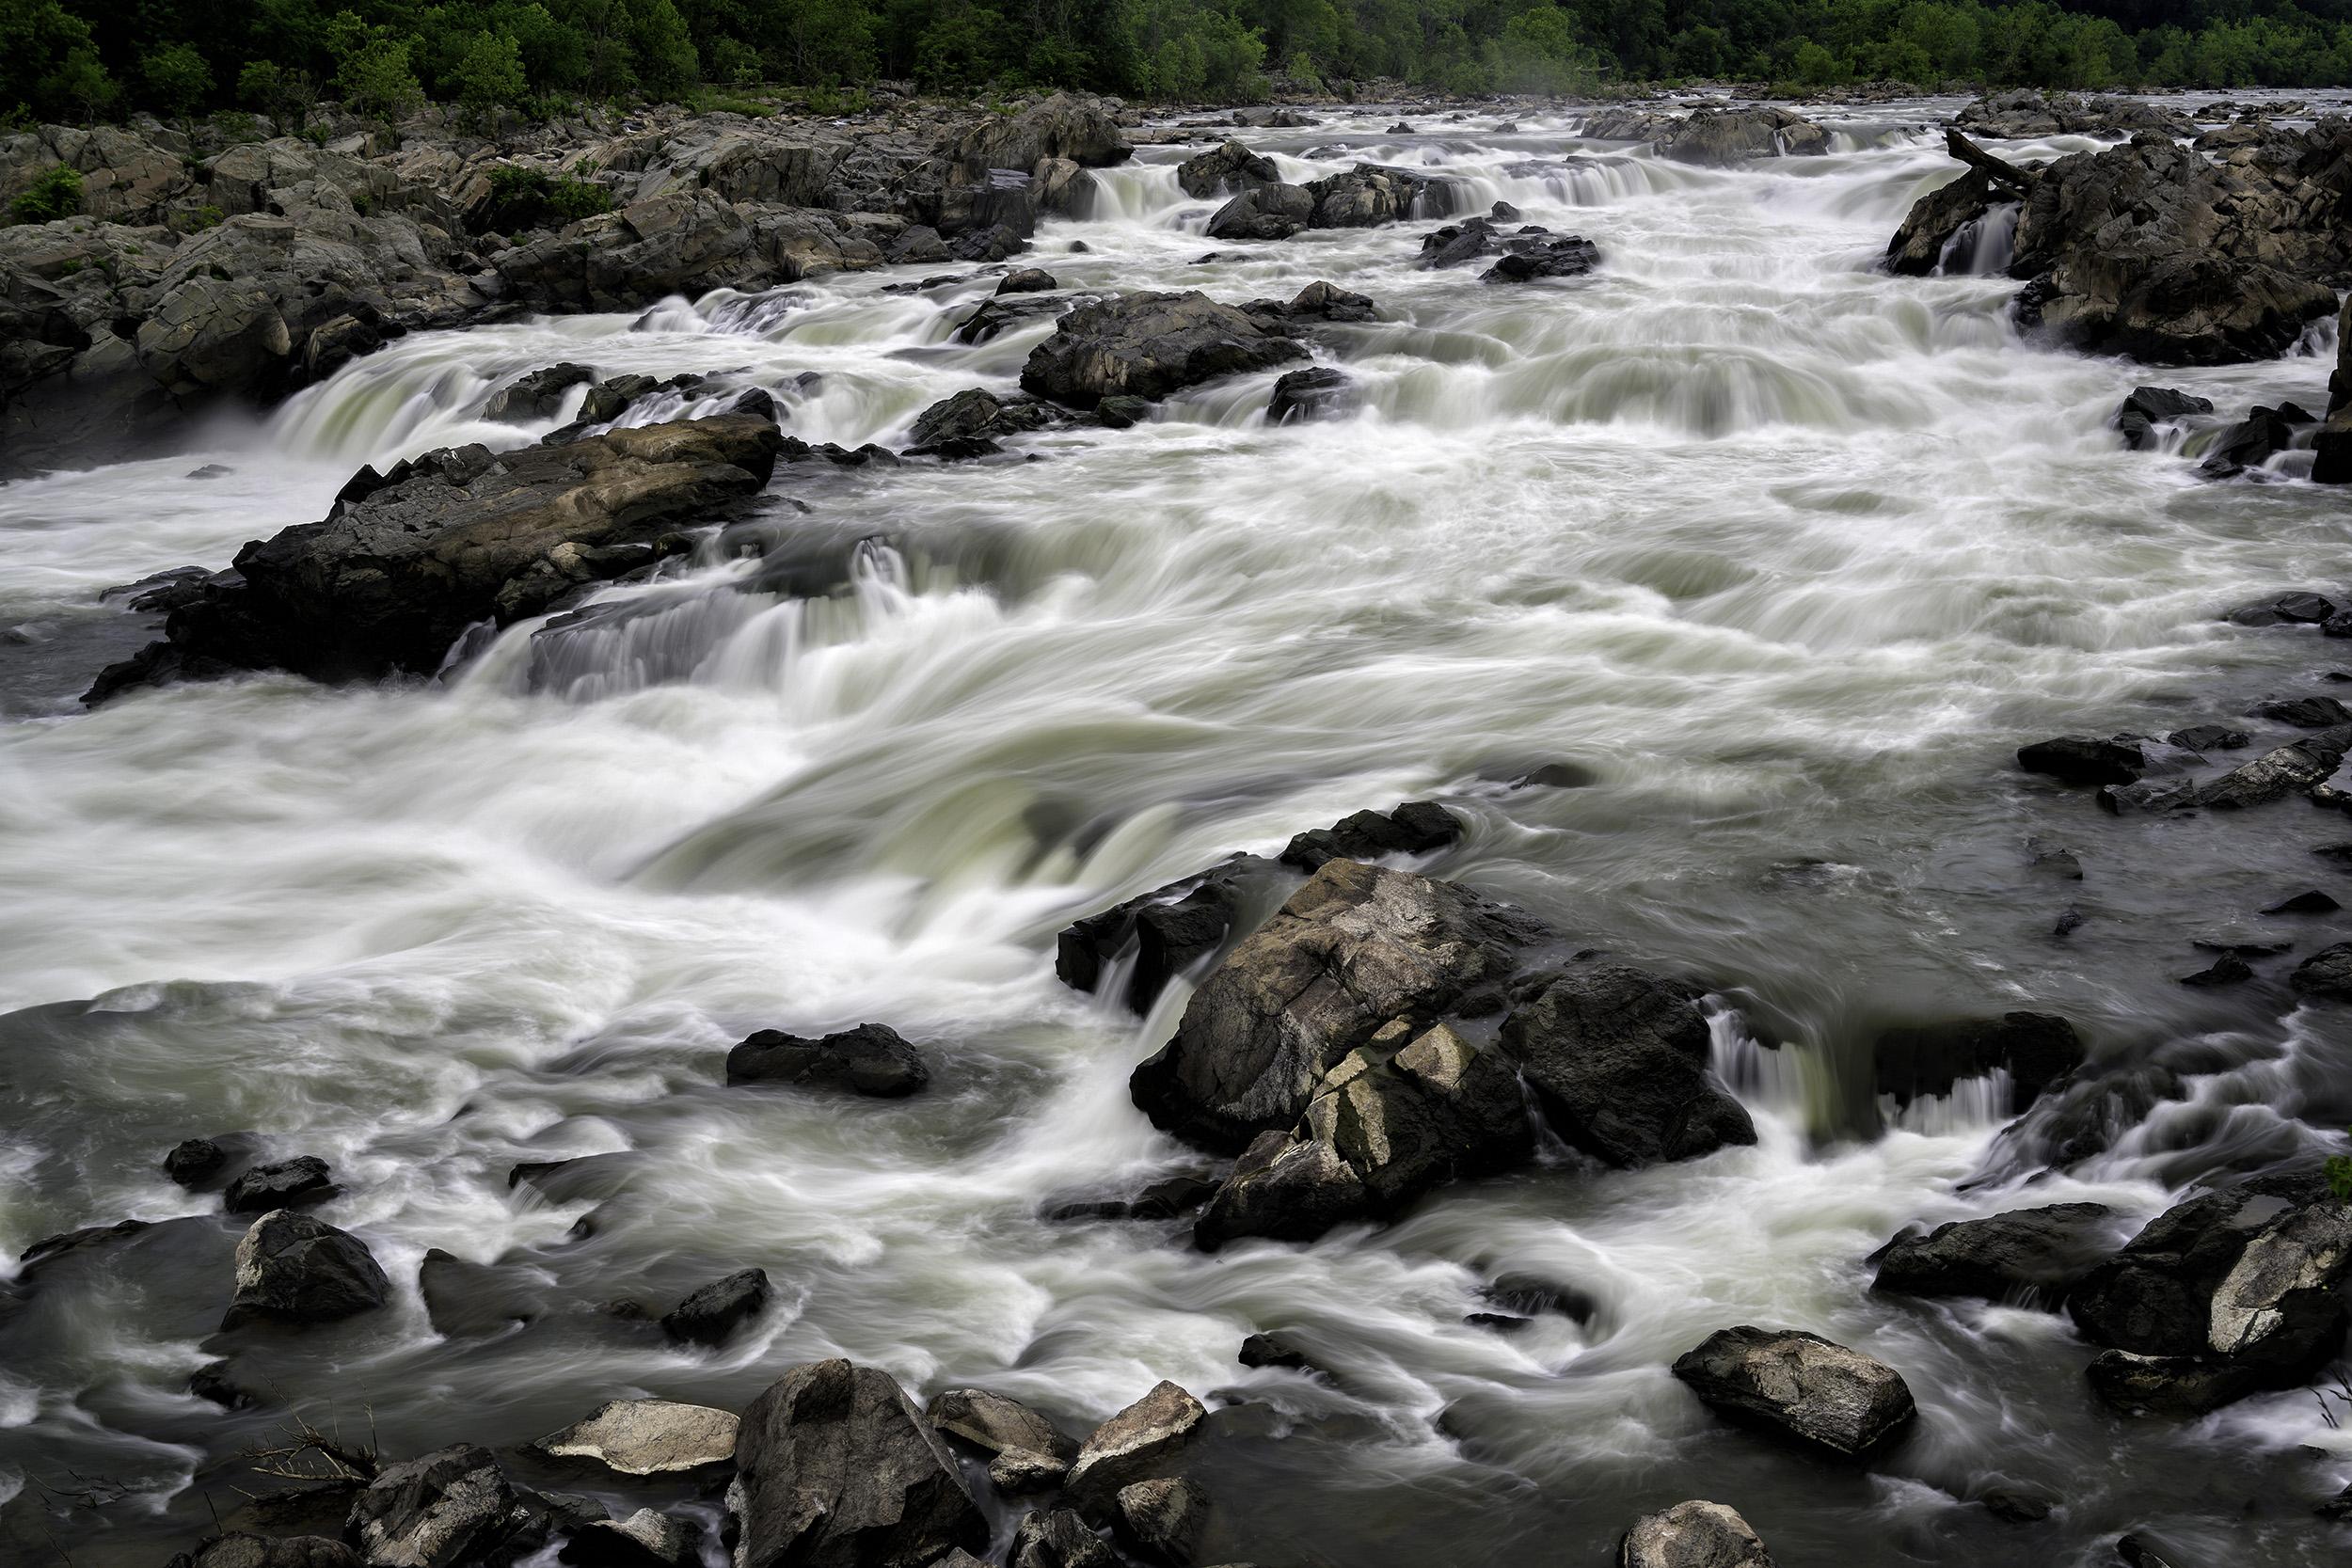 190527 Great Falls 15-1 flt.jpg